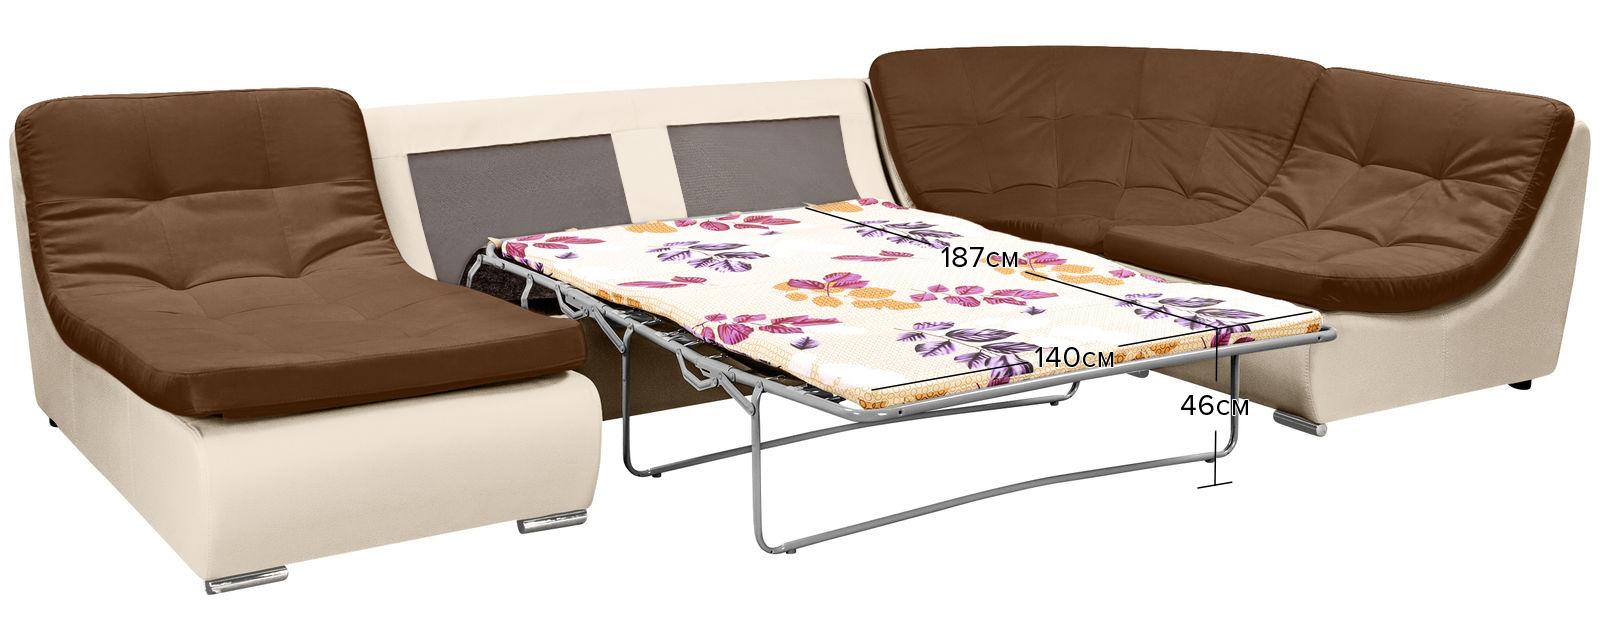 Модульный диван Лос-Анджелес Velure коричневый Вариант 2 (Велюр + Экокожа) от HomeMe.ru